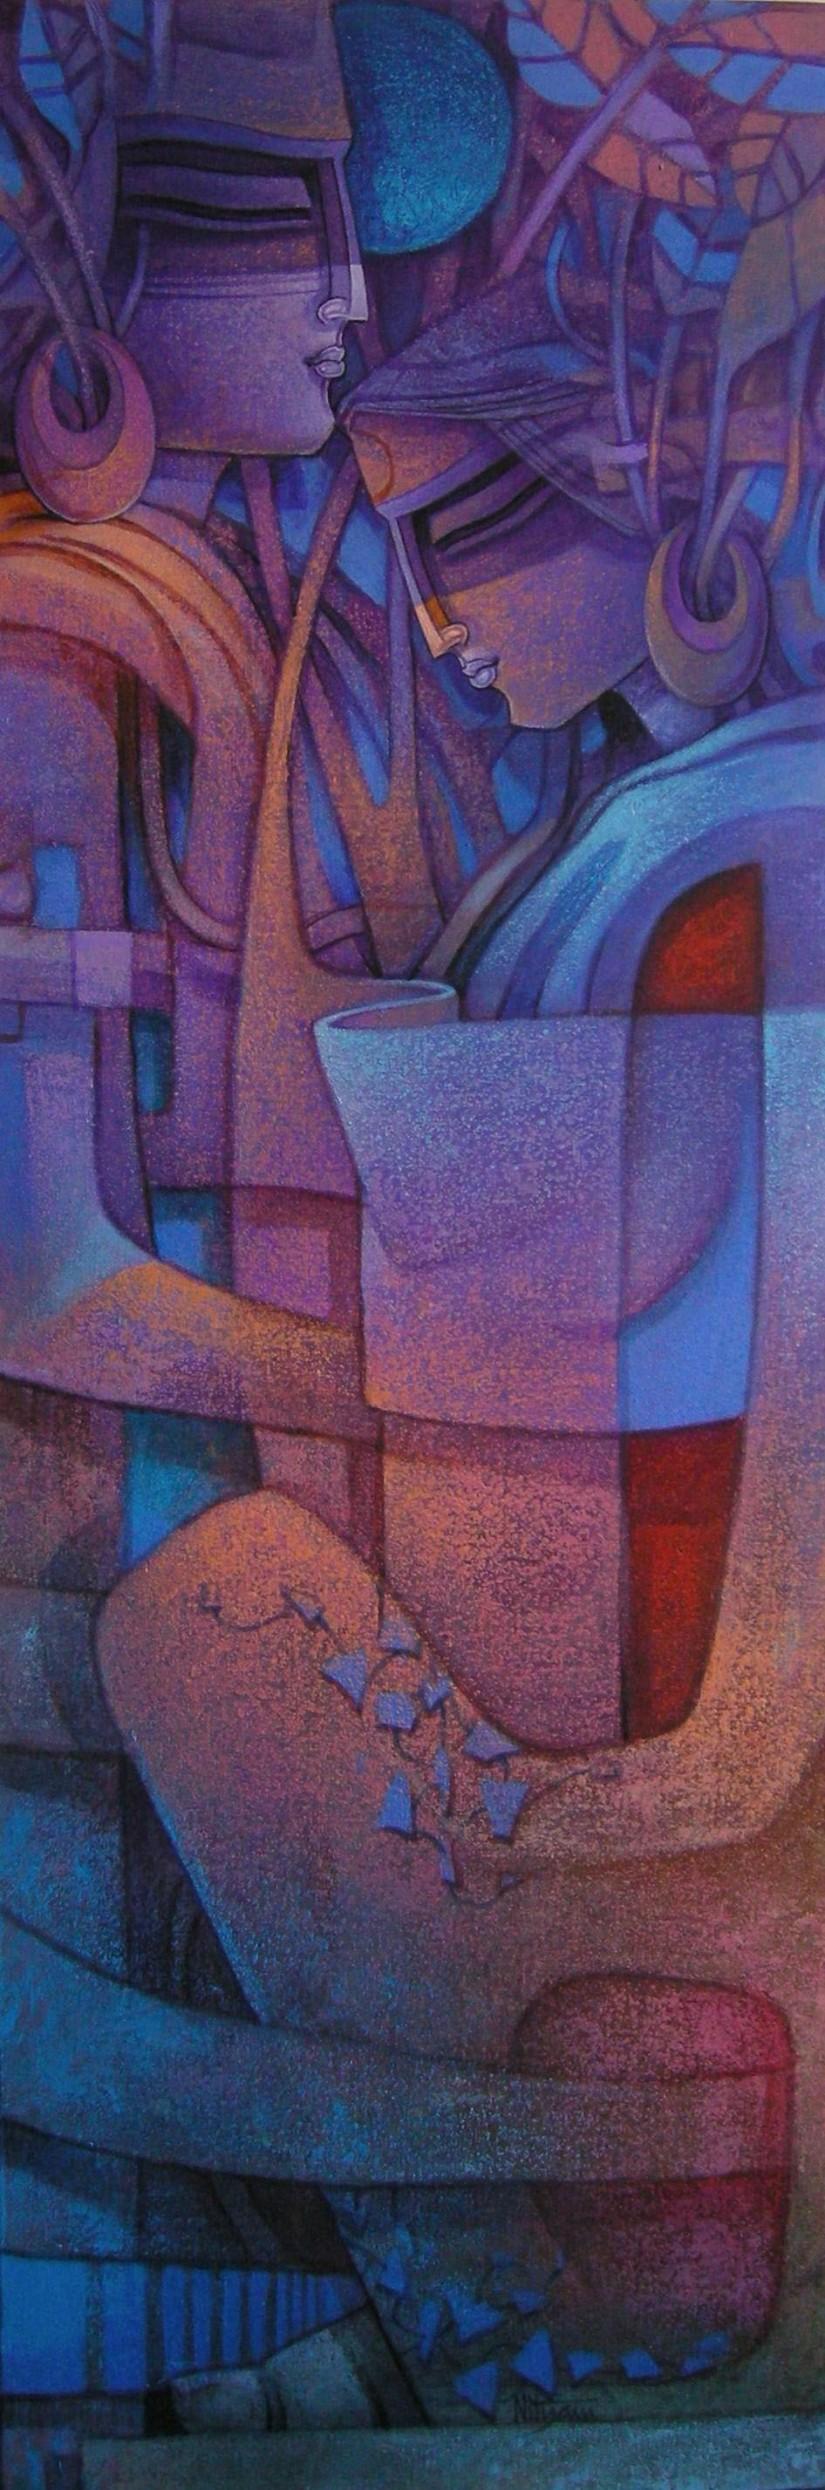 Untitled Painting by Nityam Singha Roy